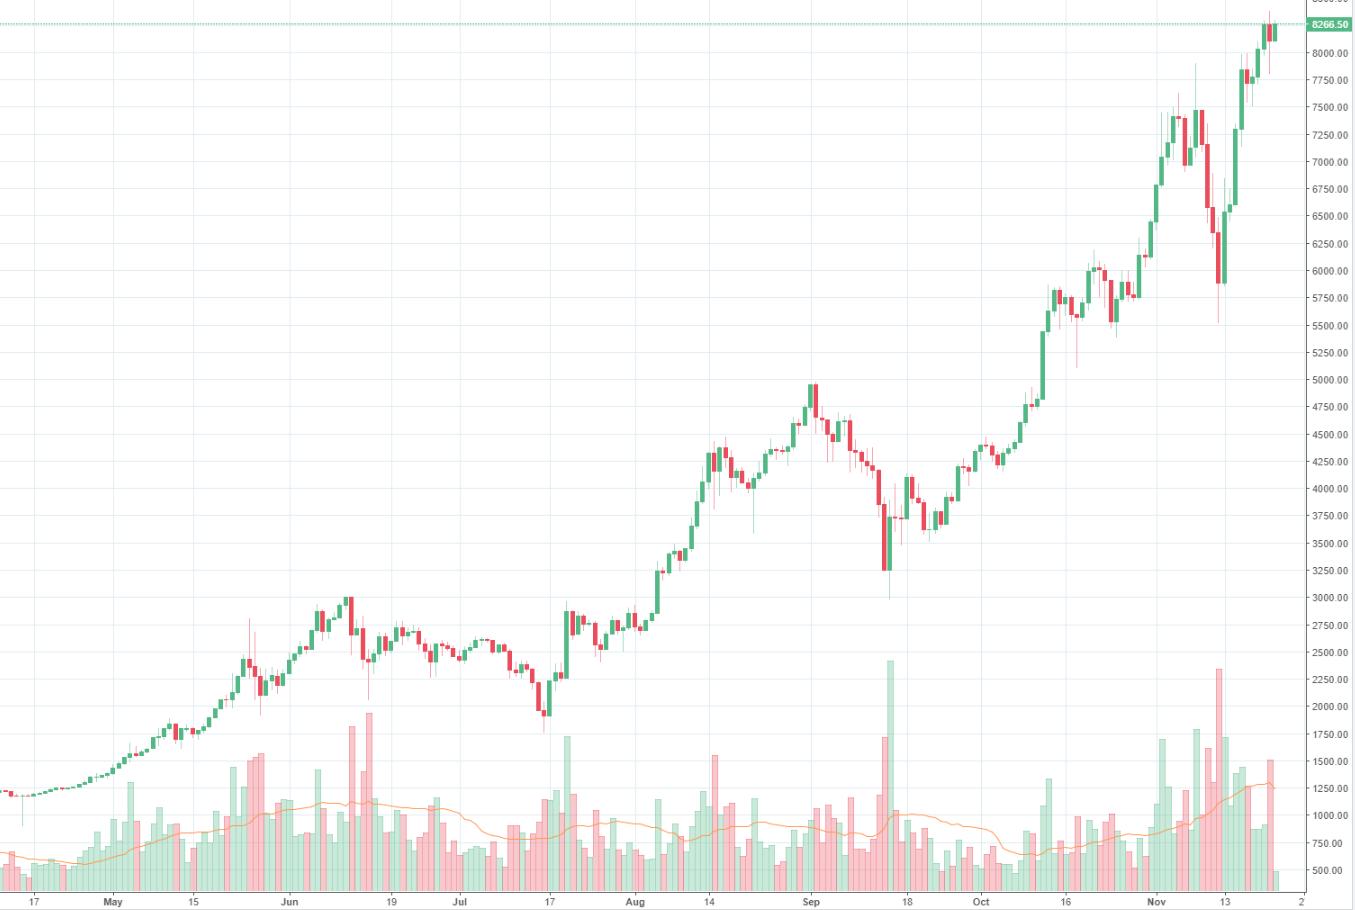 Bitcoin Erster Investmentfonds Europas Soll Starten